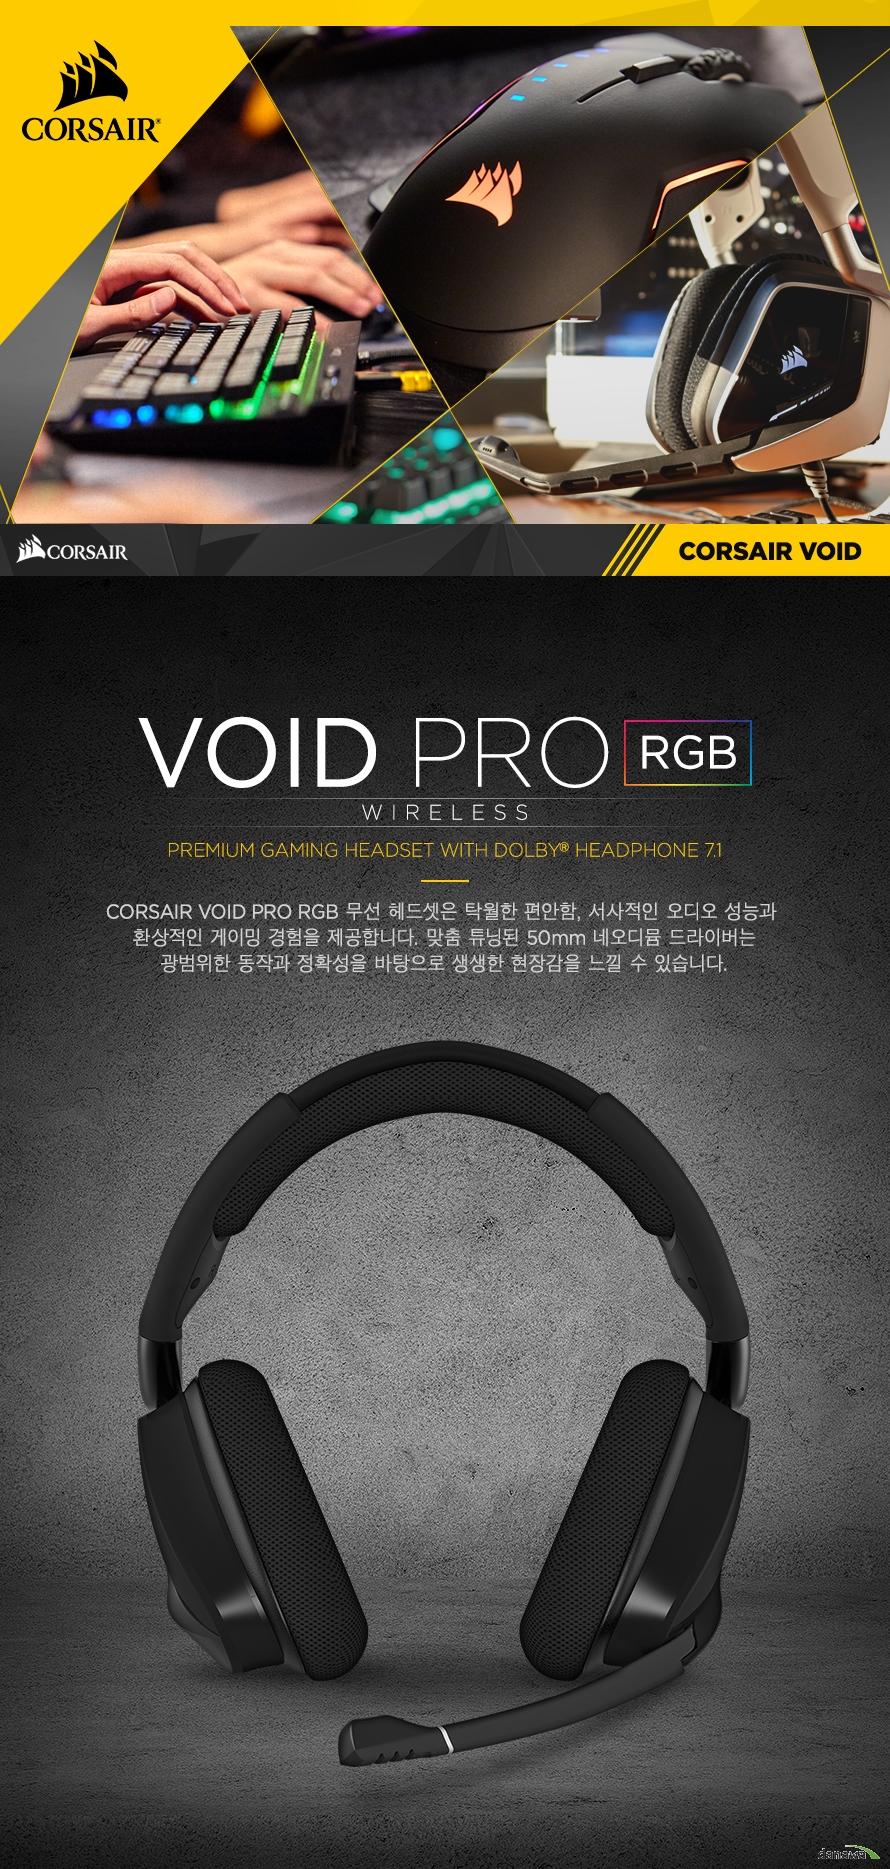 CORSAIR VOID PRO RGB 무선 헤드셋은 탁월한 편안함, 서사적인 오디오 성능과 환상적인 게이밍 경험을 제공합니다. 맞춤 튜닝된 50mm 네오디뮴 드라이버는광범위한 동작과 정확성을 바탕으로 생생한 현장감을 느낄 수 있습니다.